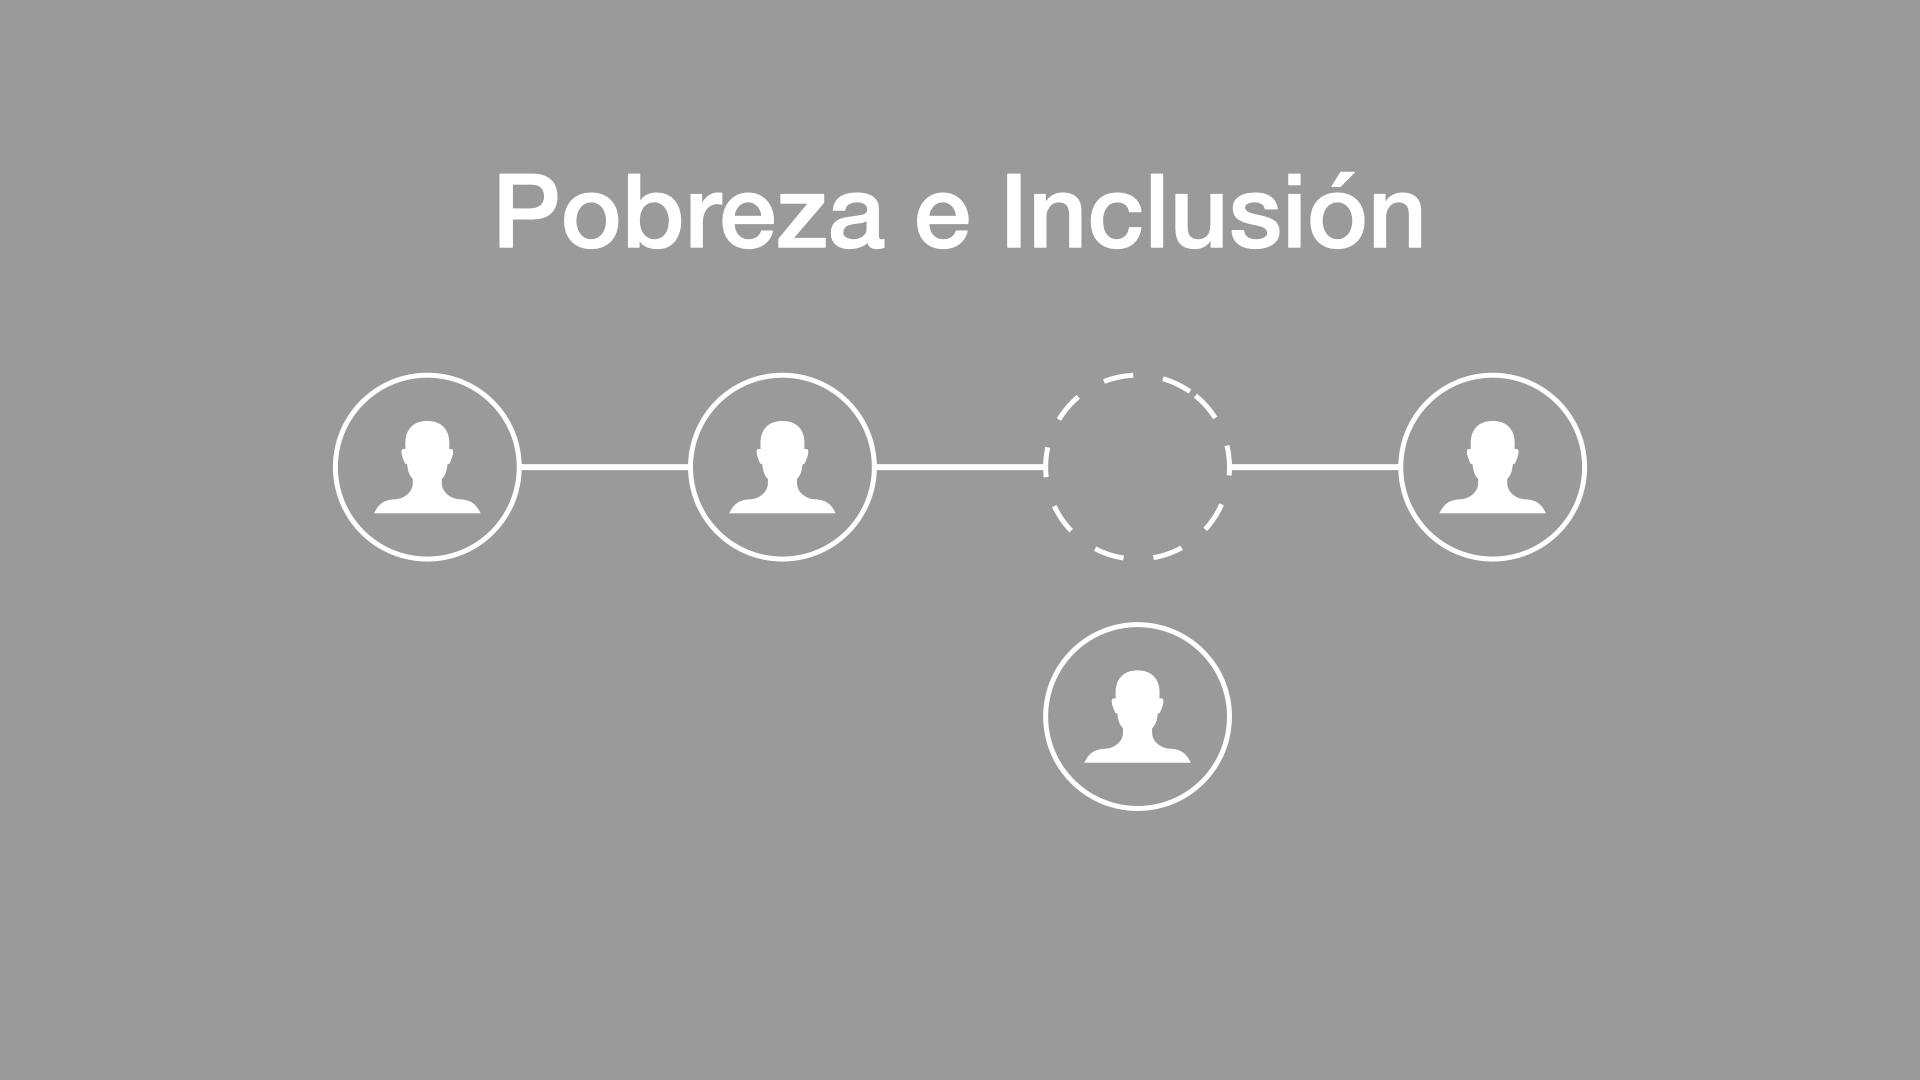 Pobreza e Inclusion